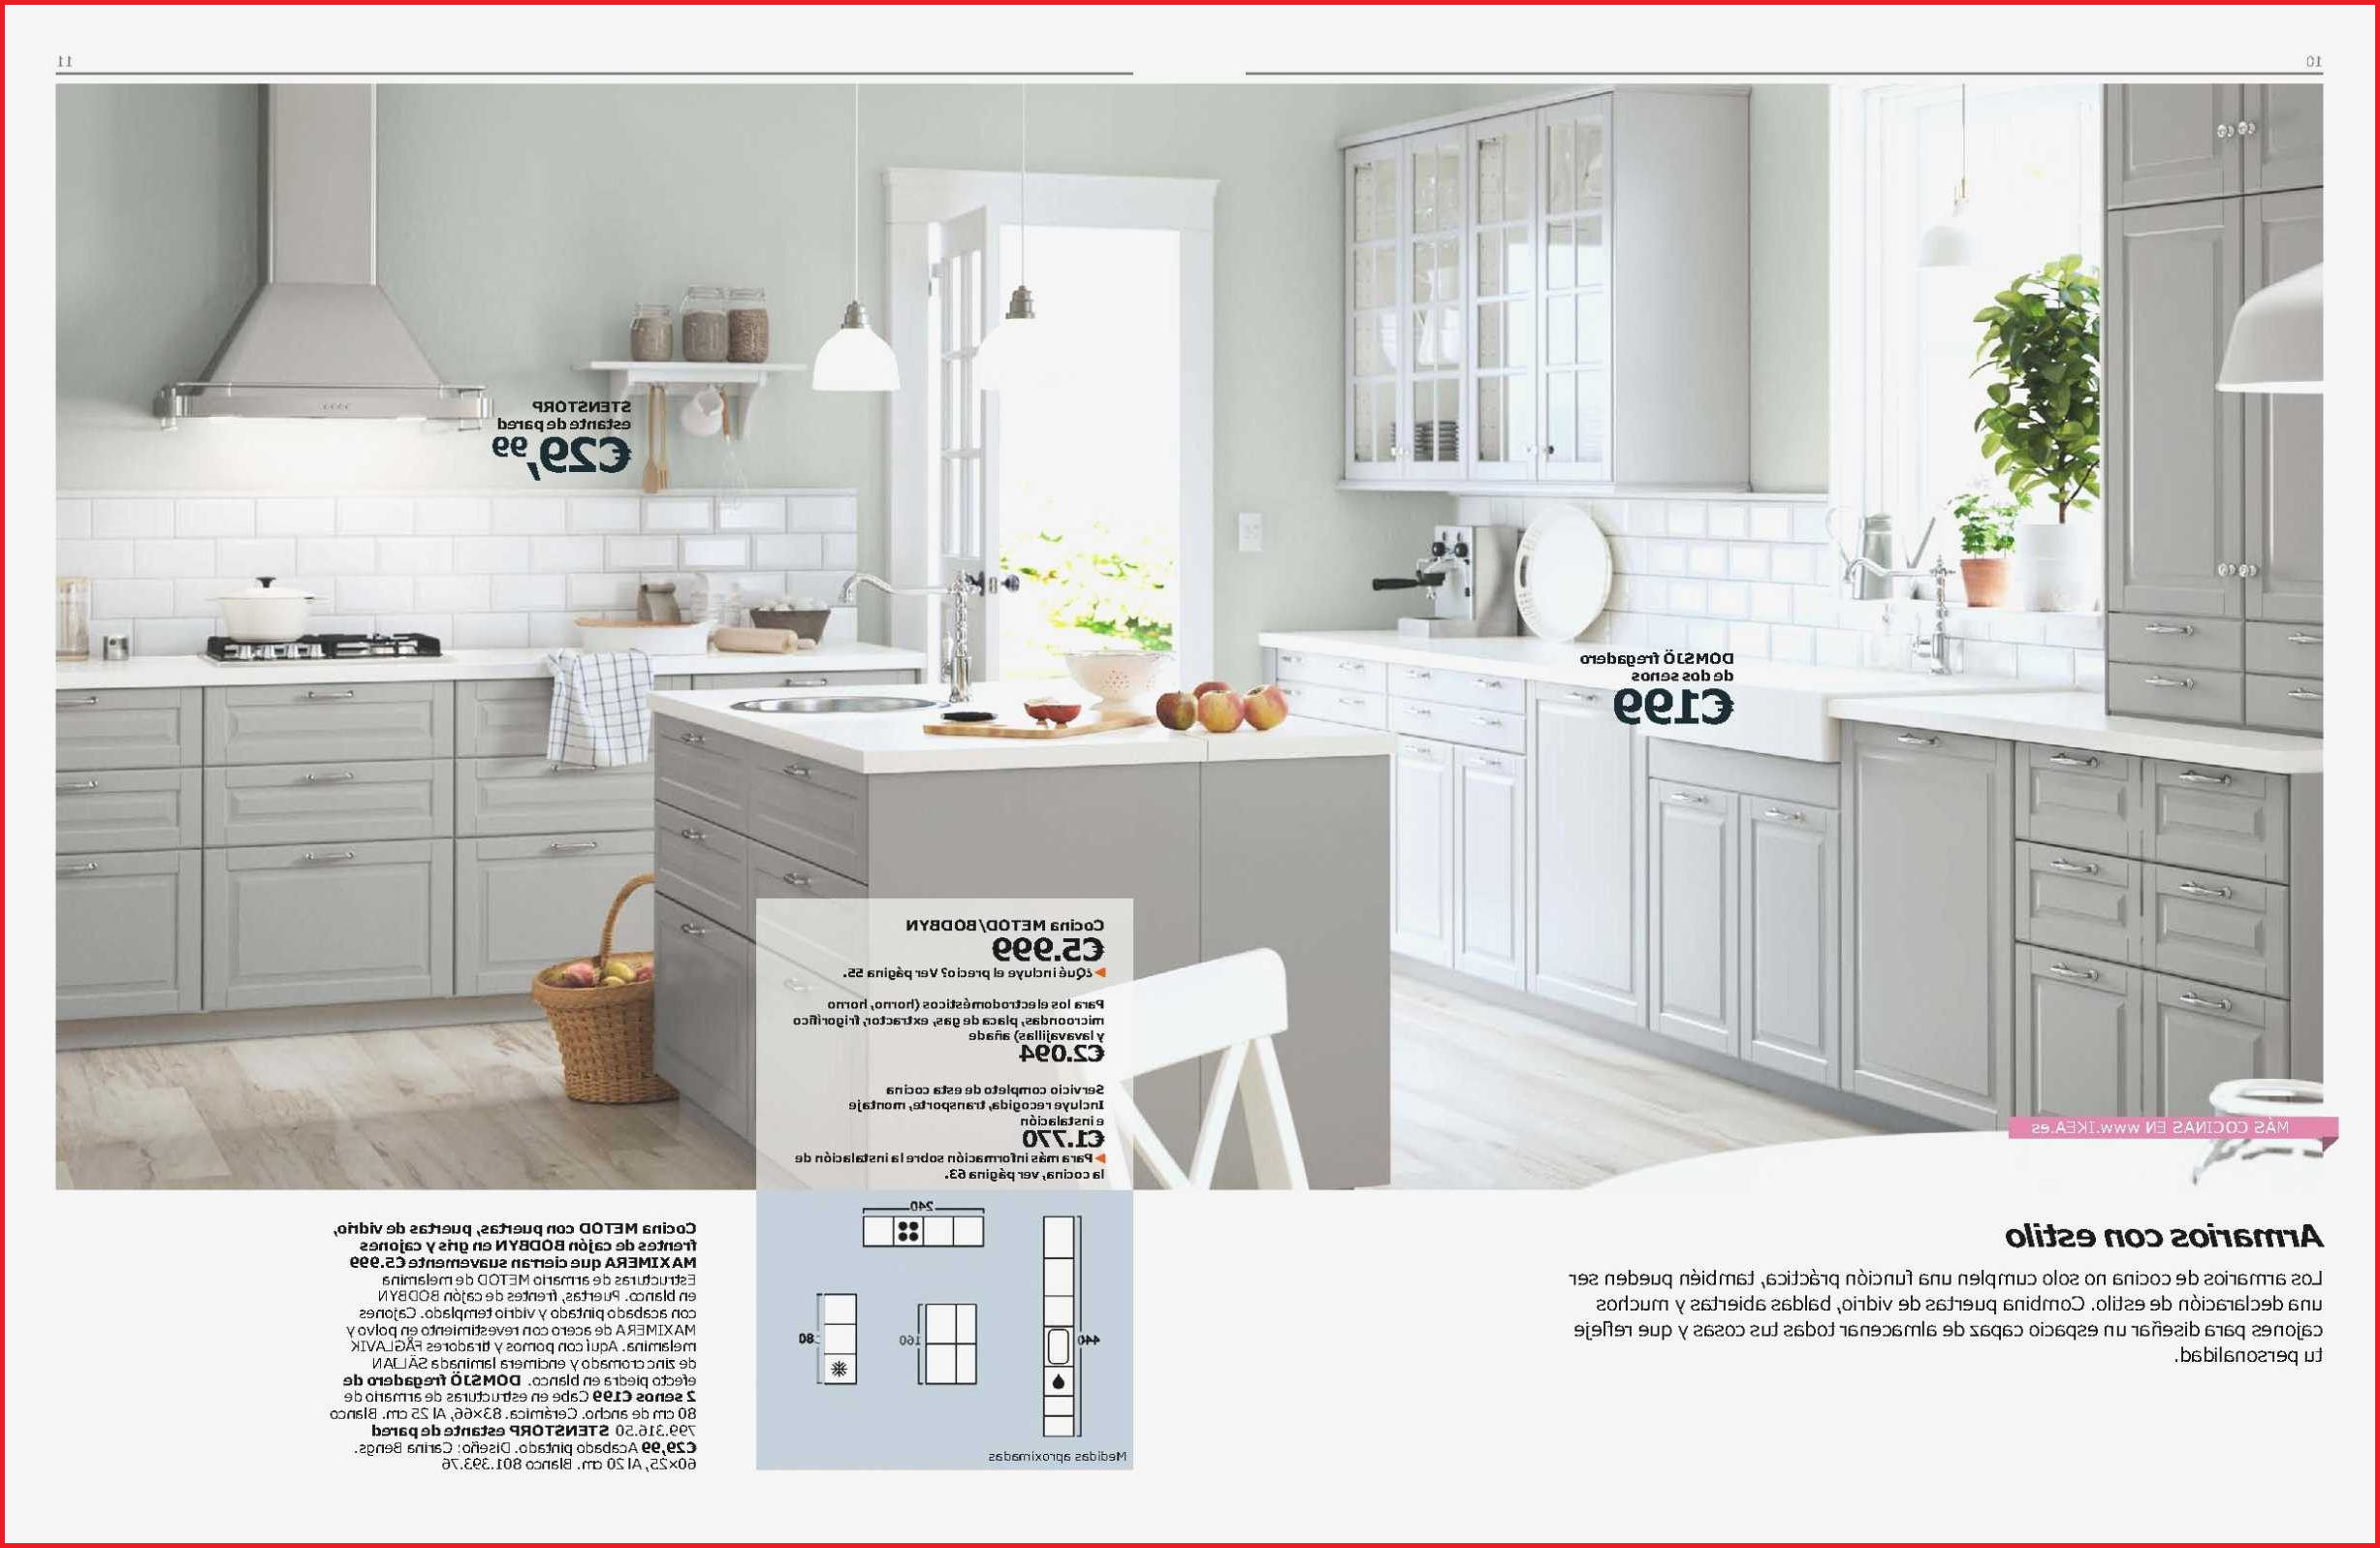 Precio Muebles De Cocina Thdr Precio Mueble Cocina Ikea Muebles De Cocina Nuevo Cocinas De